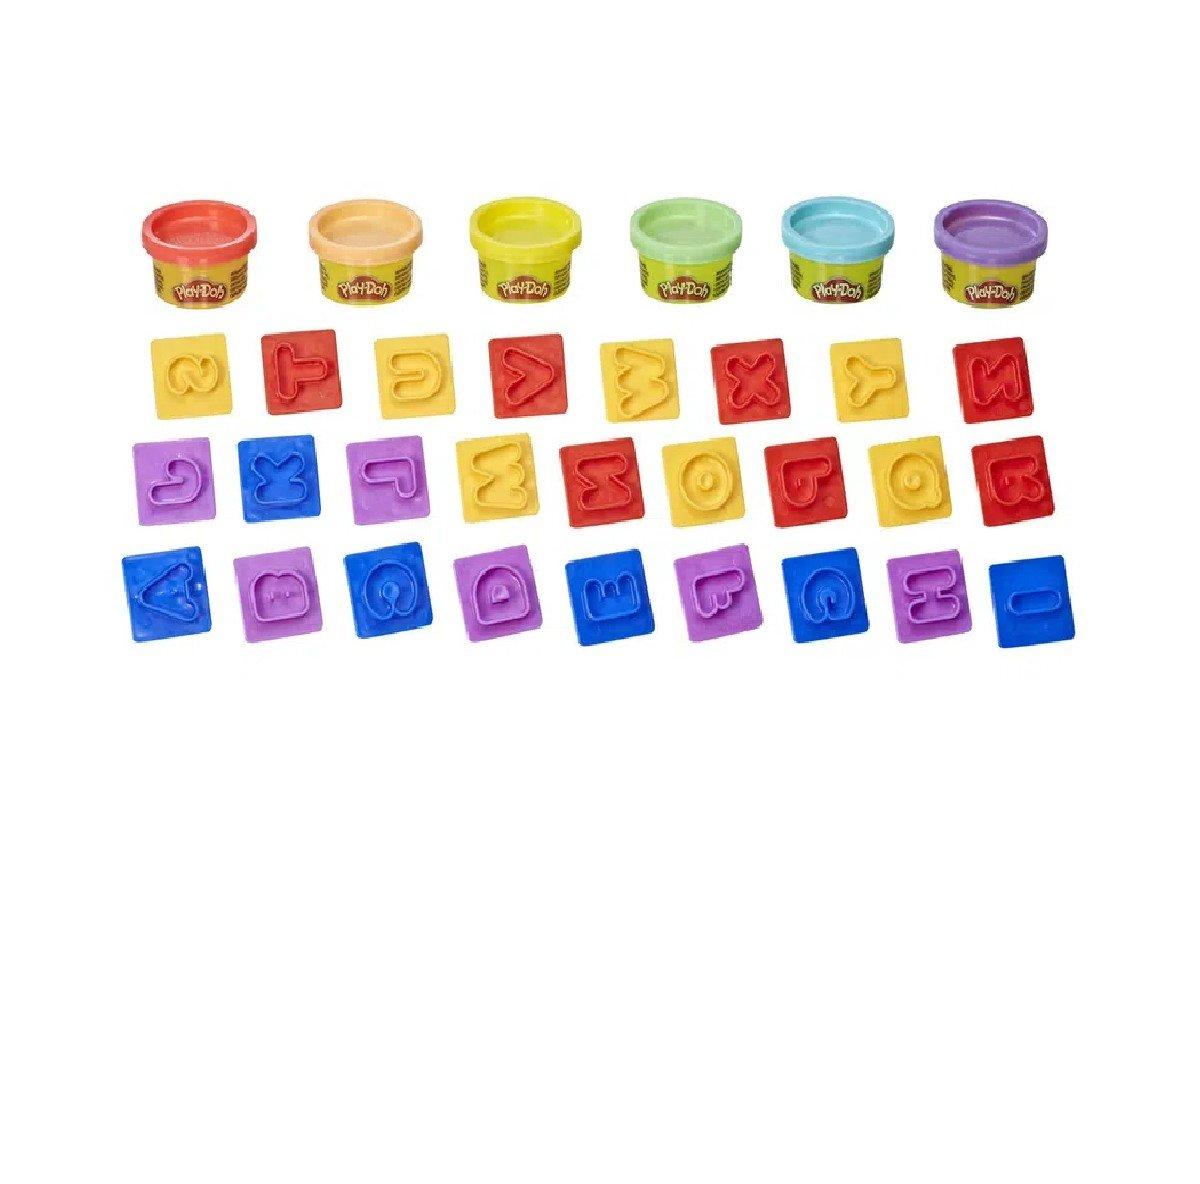 Massinha Play-doh Letras - Hasbro E8532